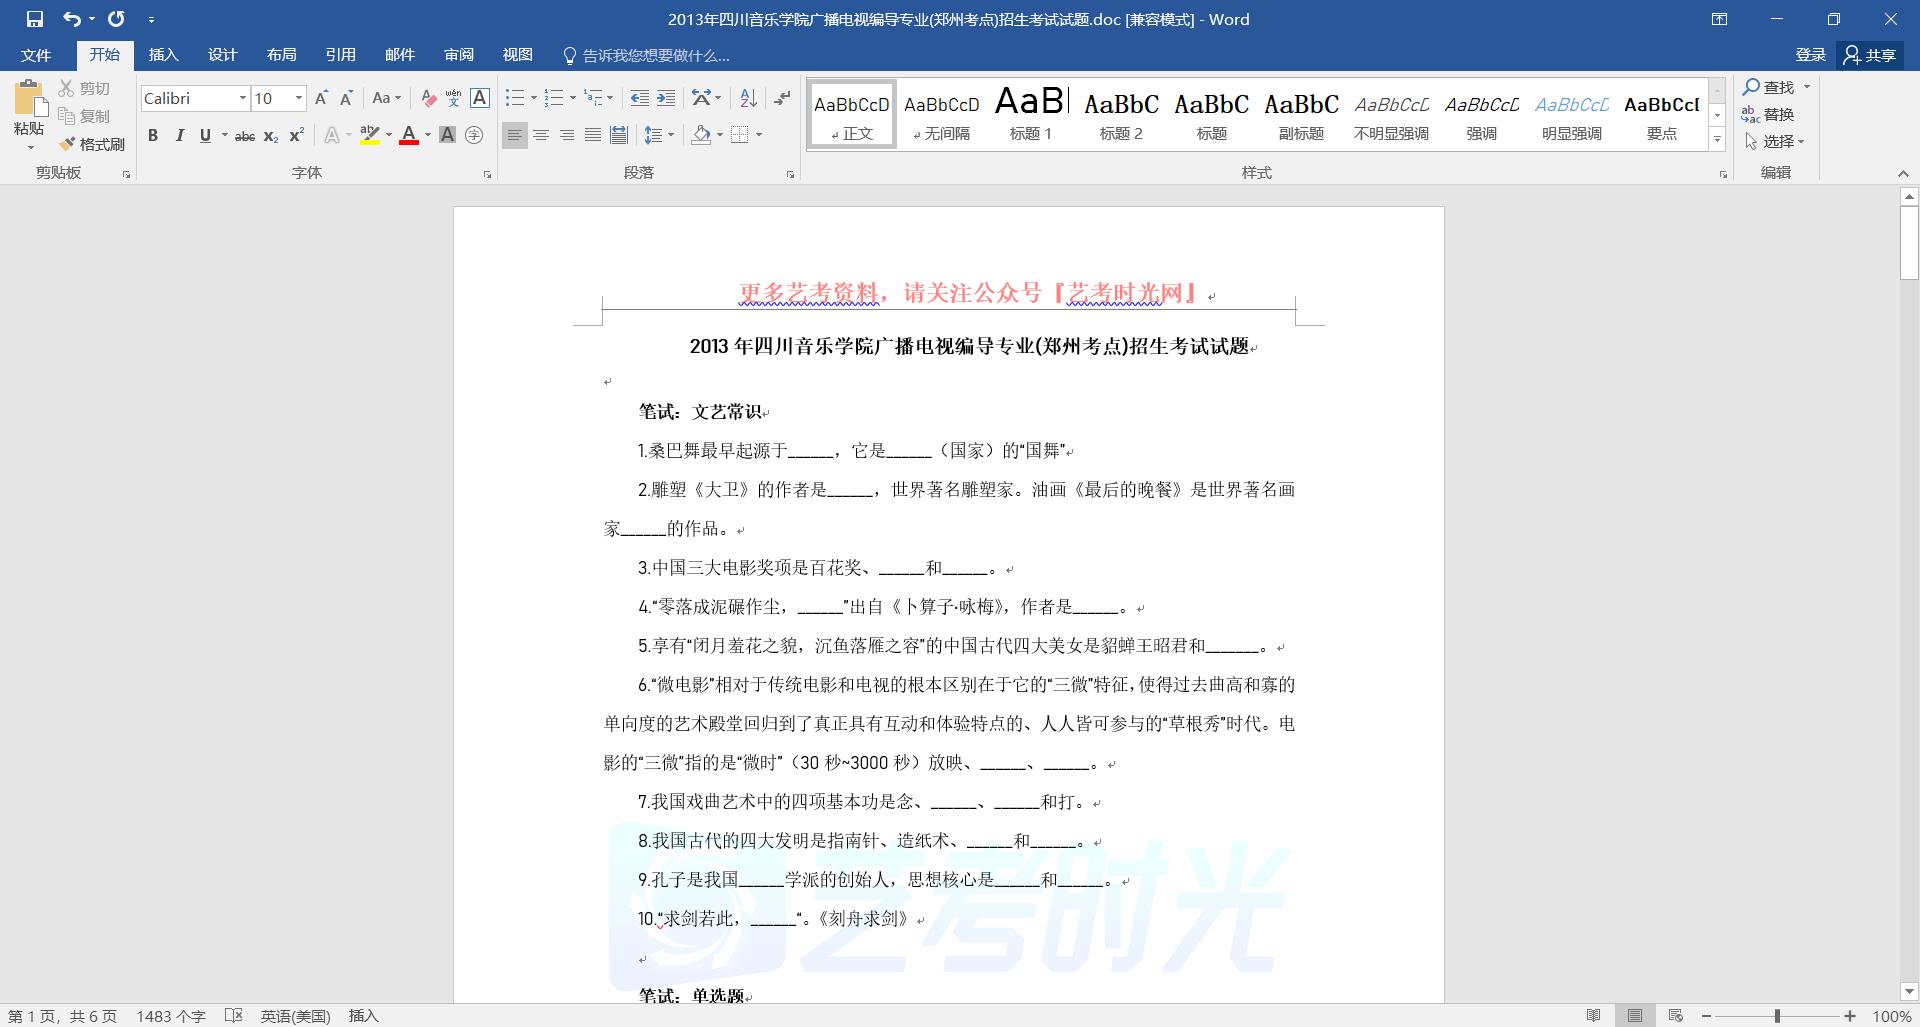 2013年四川音乐学院广播电视编导考试真题(含答案)